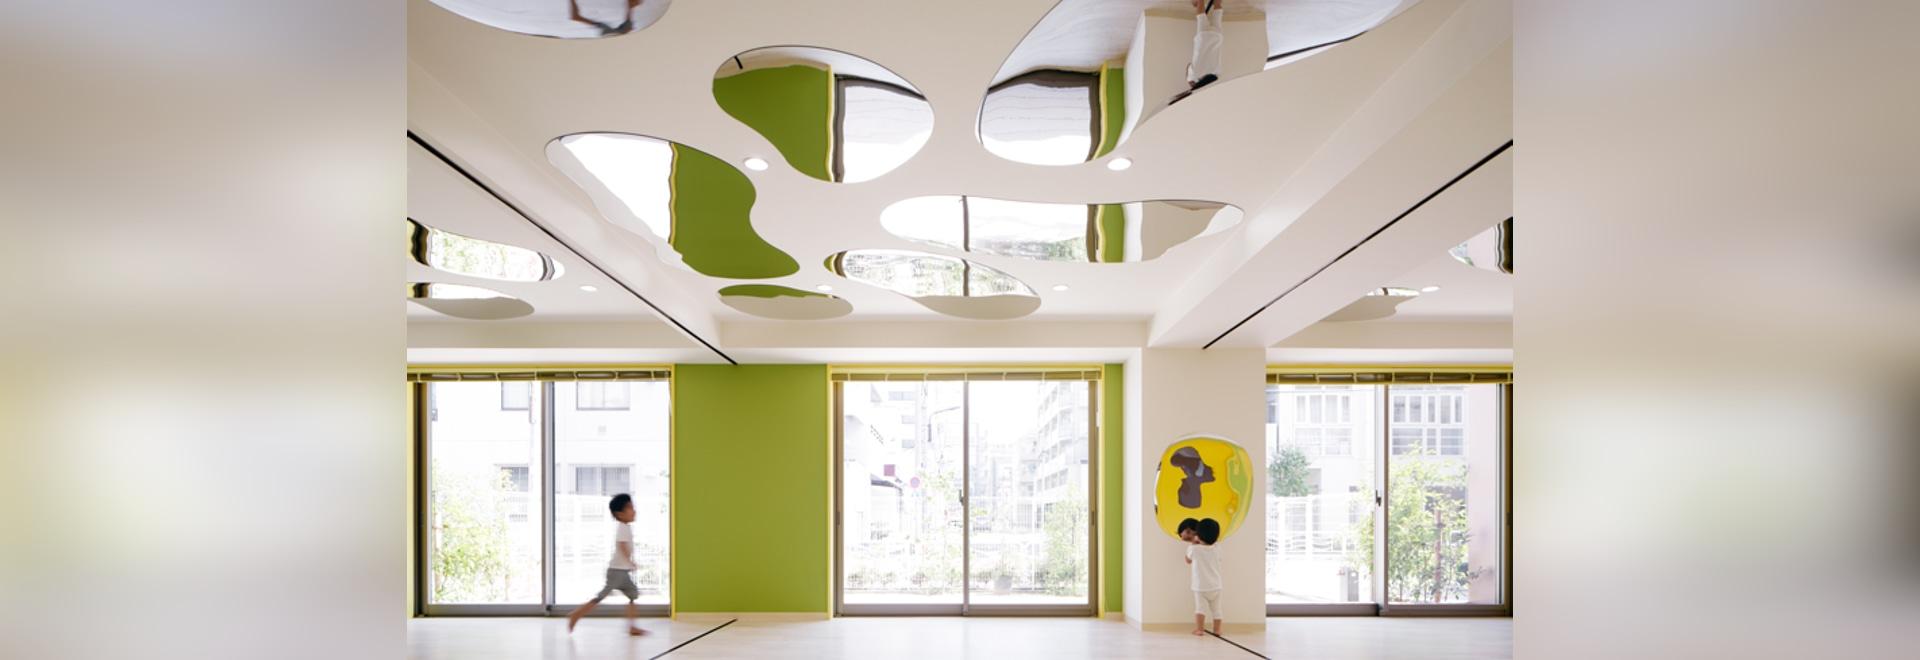 Jardín de la infancia creativo del lhm de los diseños de los arquitectos de Moriyuki Ochiai